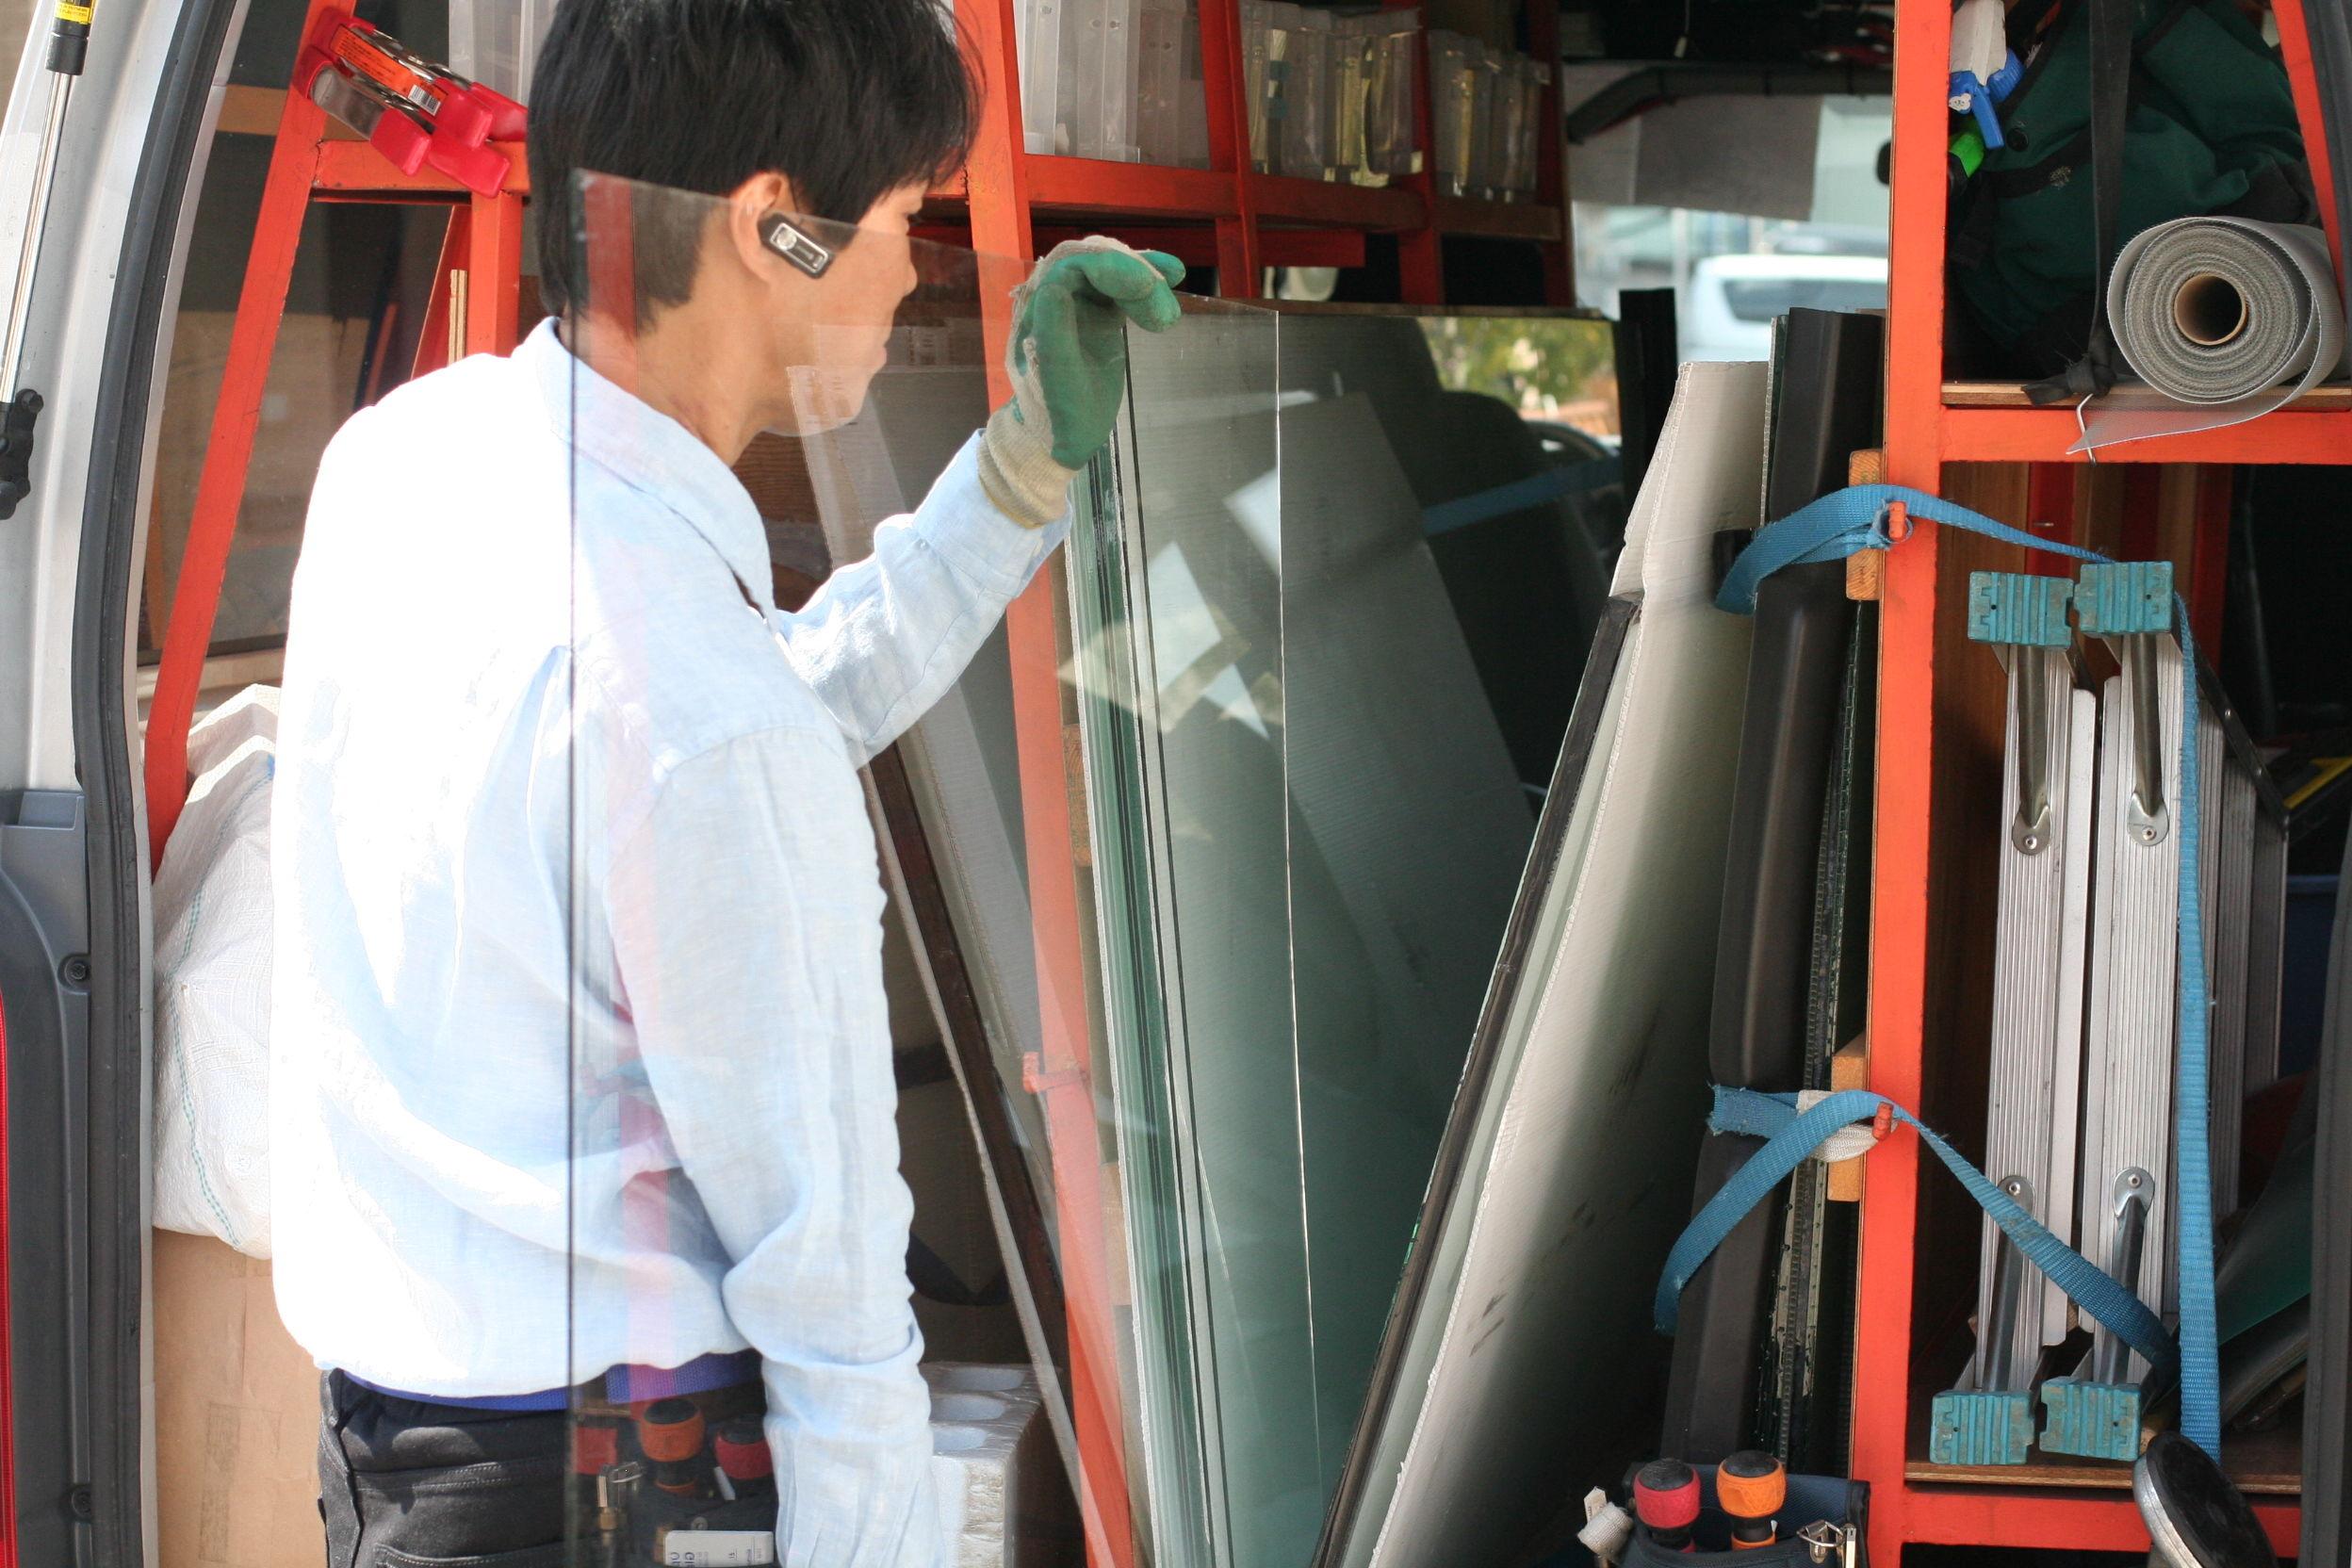 ガラスのトラブル救Q隊.24【小金井市 出張エリア】の店内・外観画像2